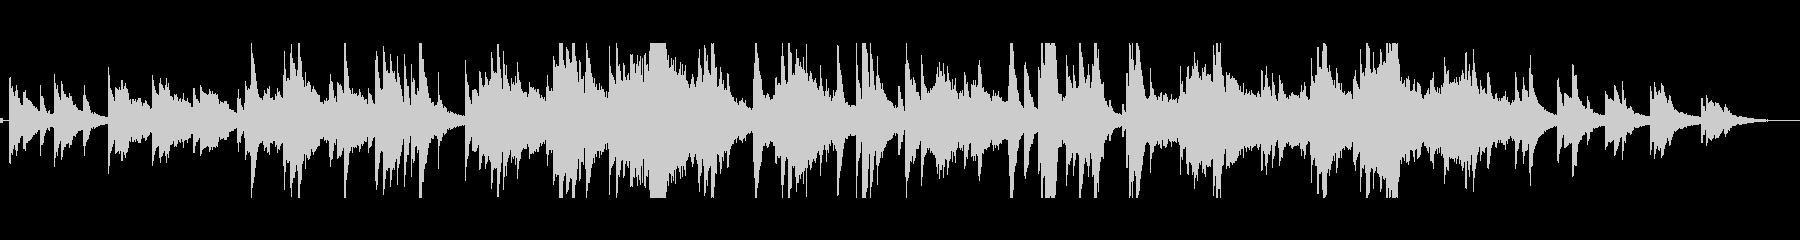 ピアノ、弦楽器、オーボエ、ベル、ハ...の未再生の波形